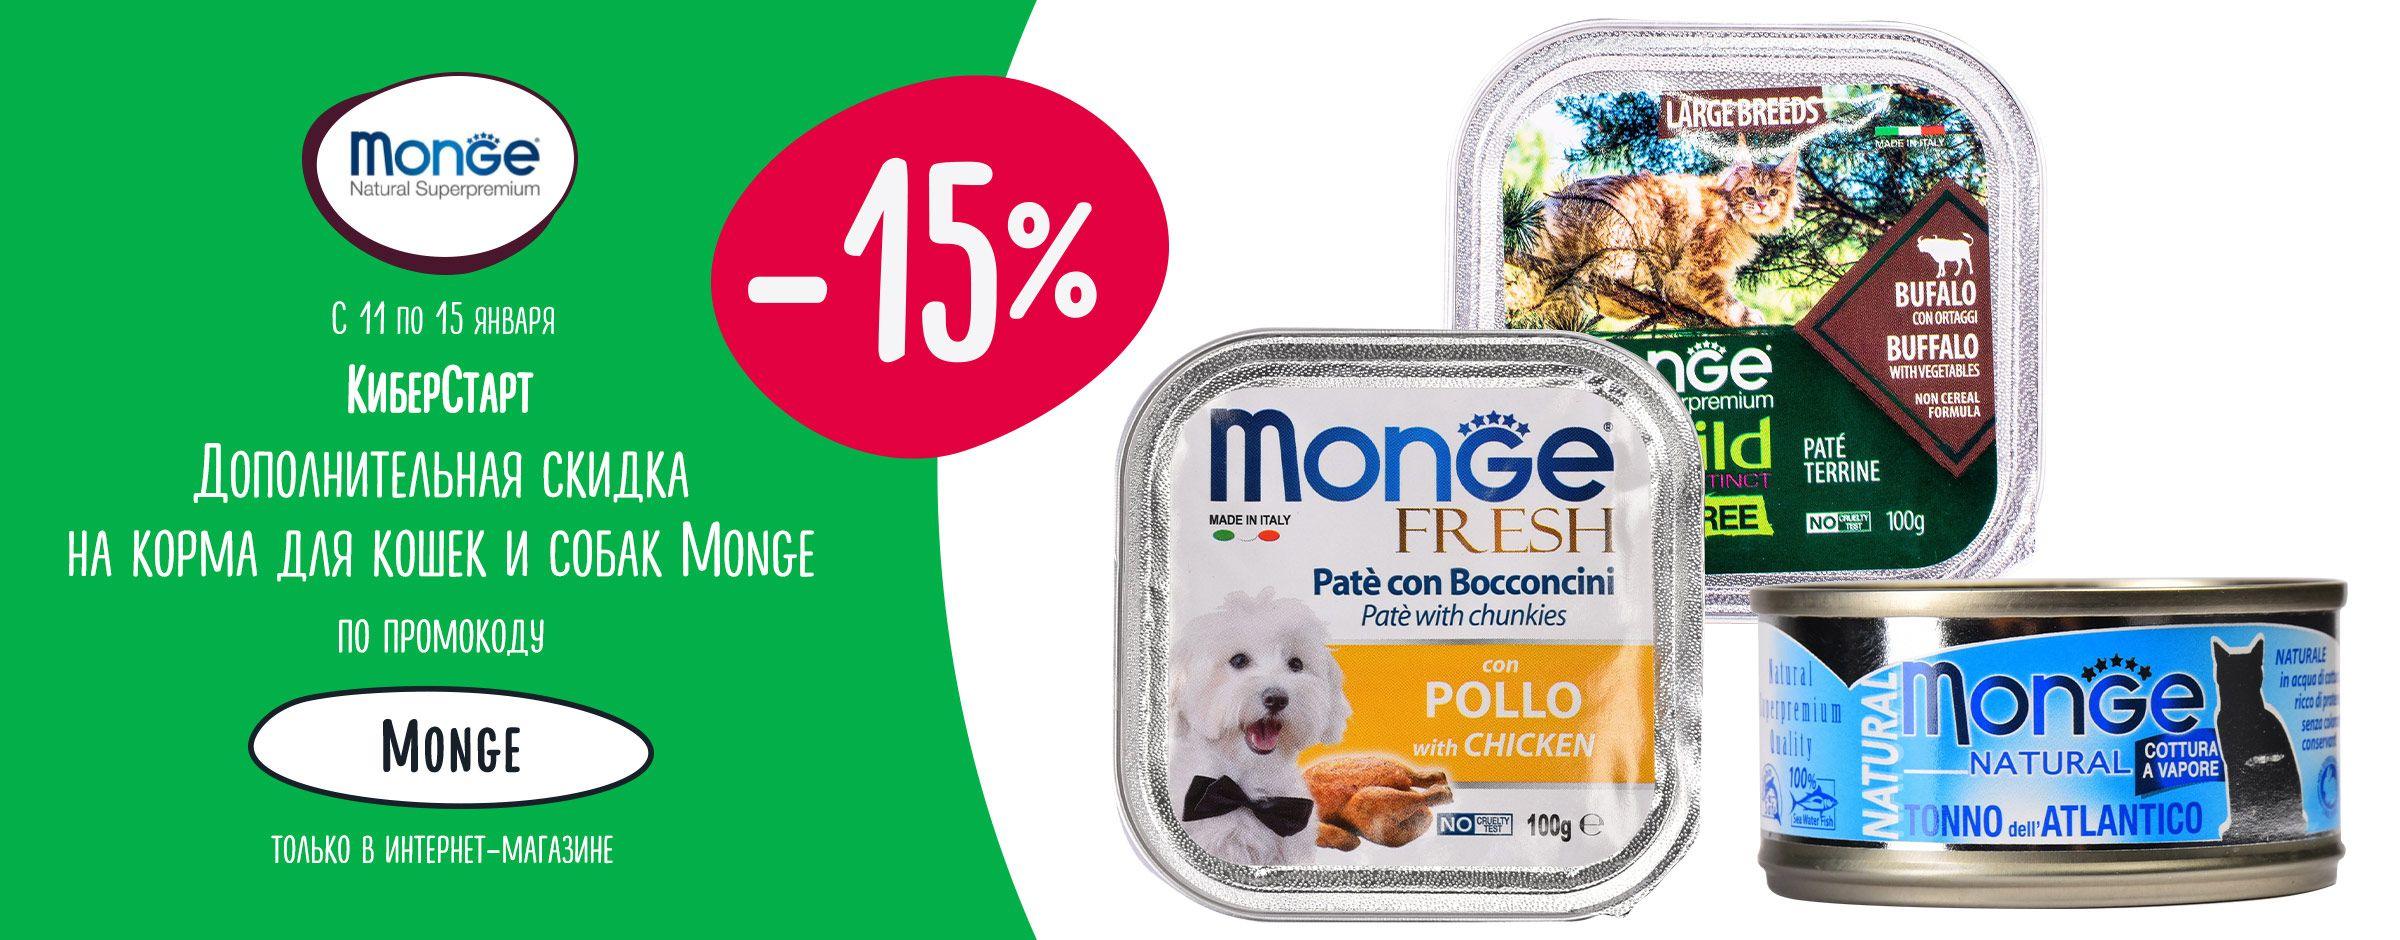 Дополнительная скидка 15% на корма Monge для кошек и собак по промокоду